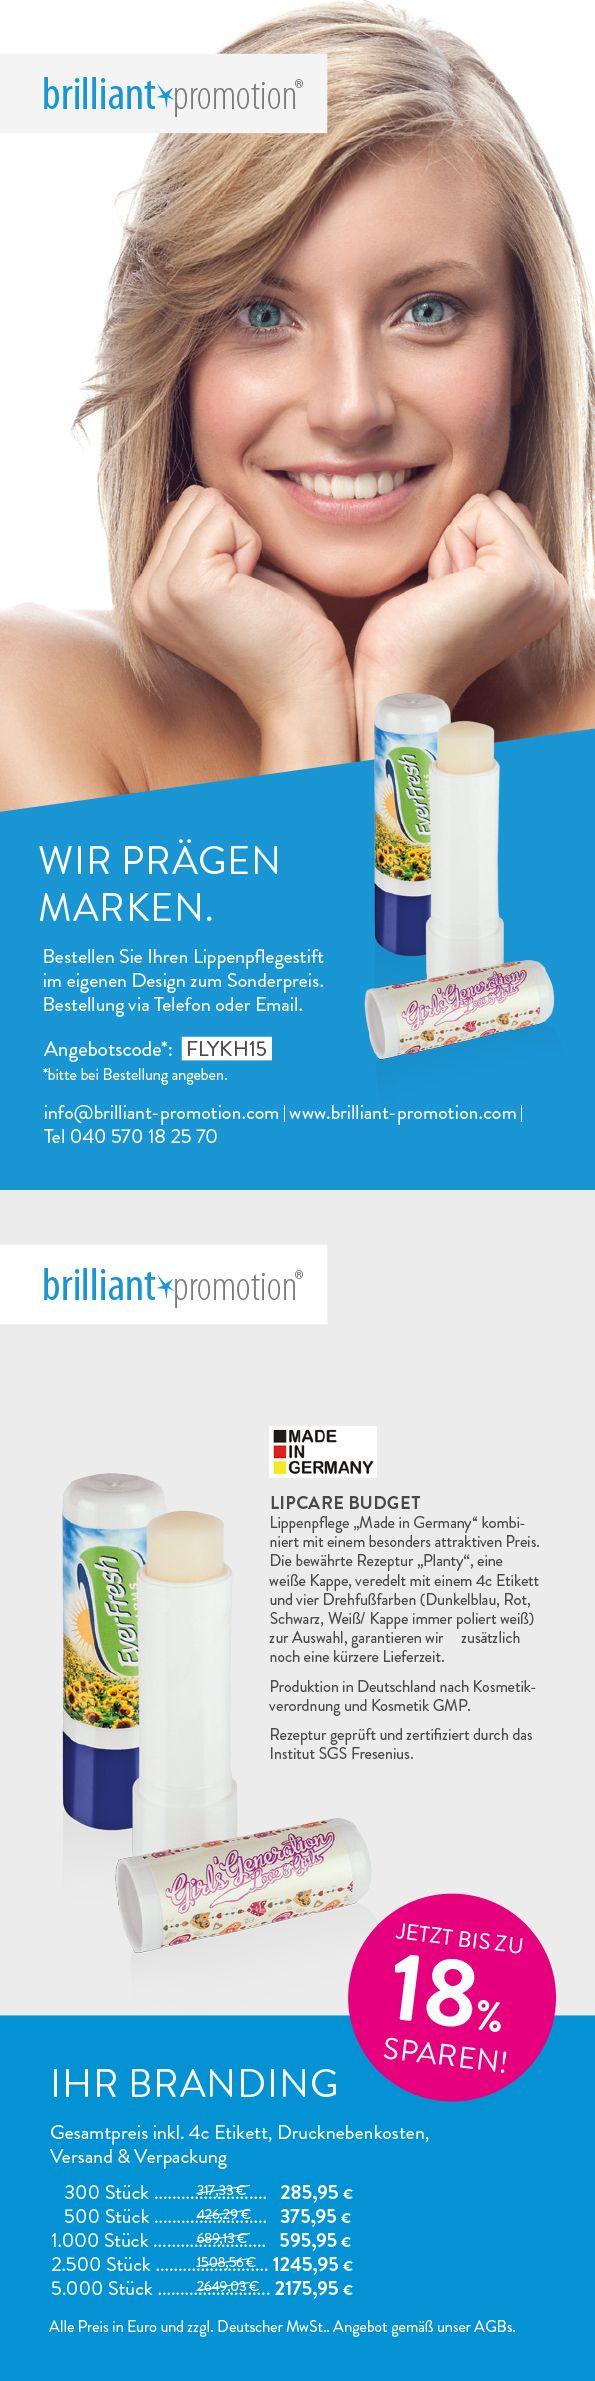 Samtweiche Lippen und obendrein damit werben - das neue Produkt der Woche von #brilliantpromotion zeigt, dass das wunderbar funktioniert. Und sparen geht dank des Rabattcodes auch!